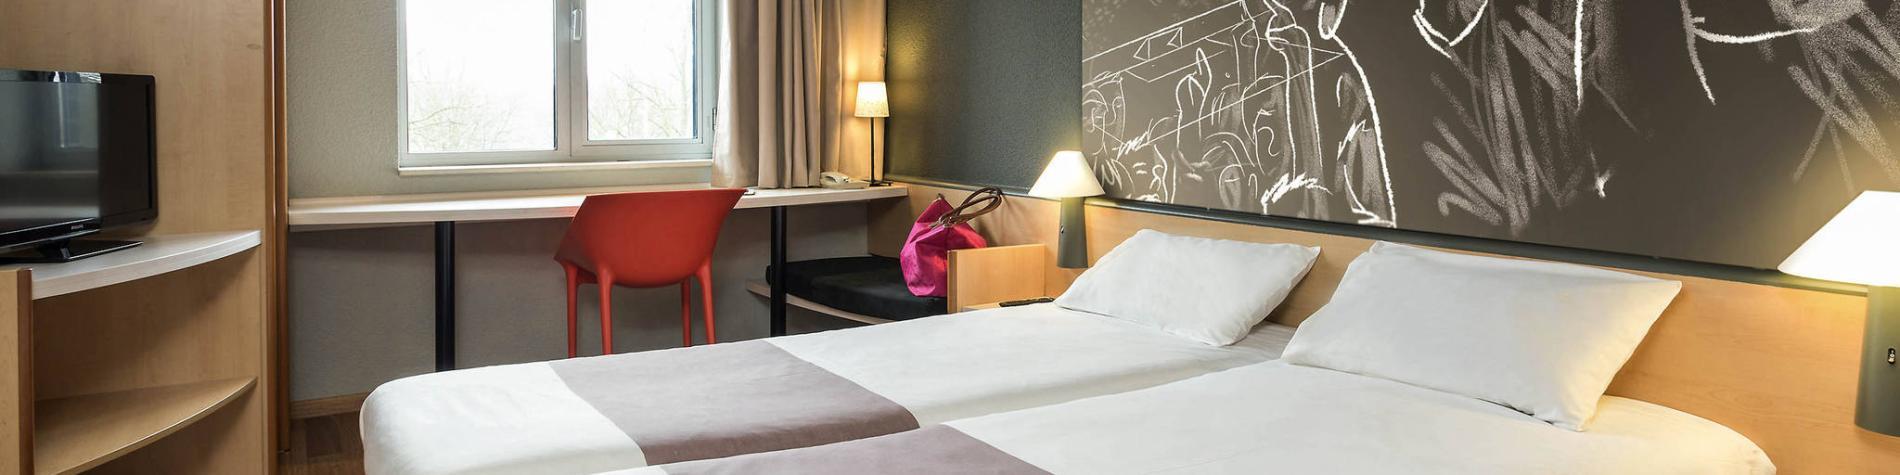 Hôtel - Ibis Liège Seraing - Liège